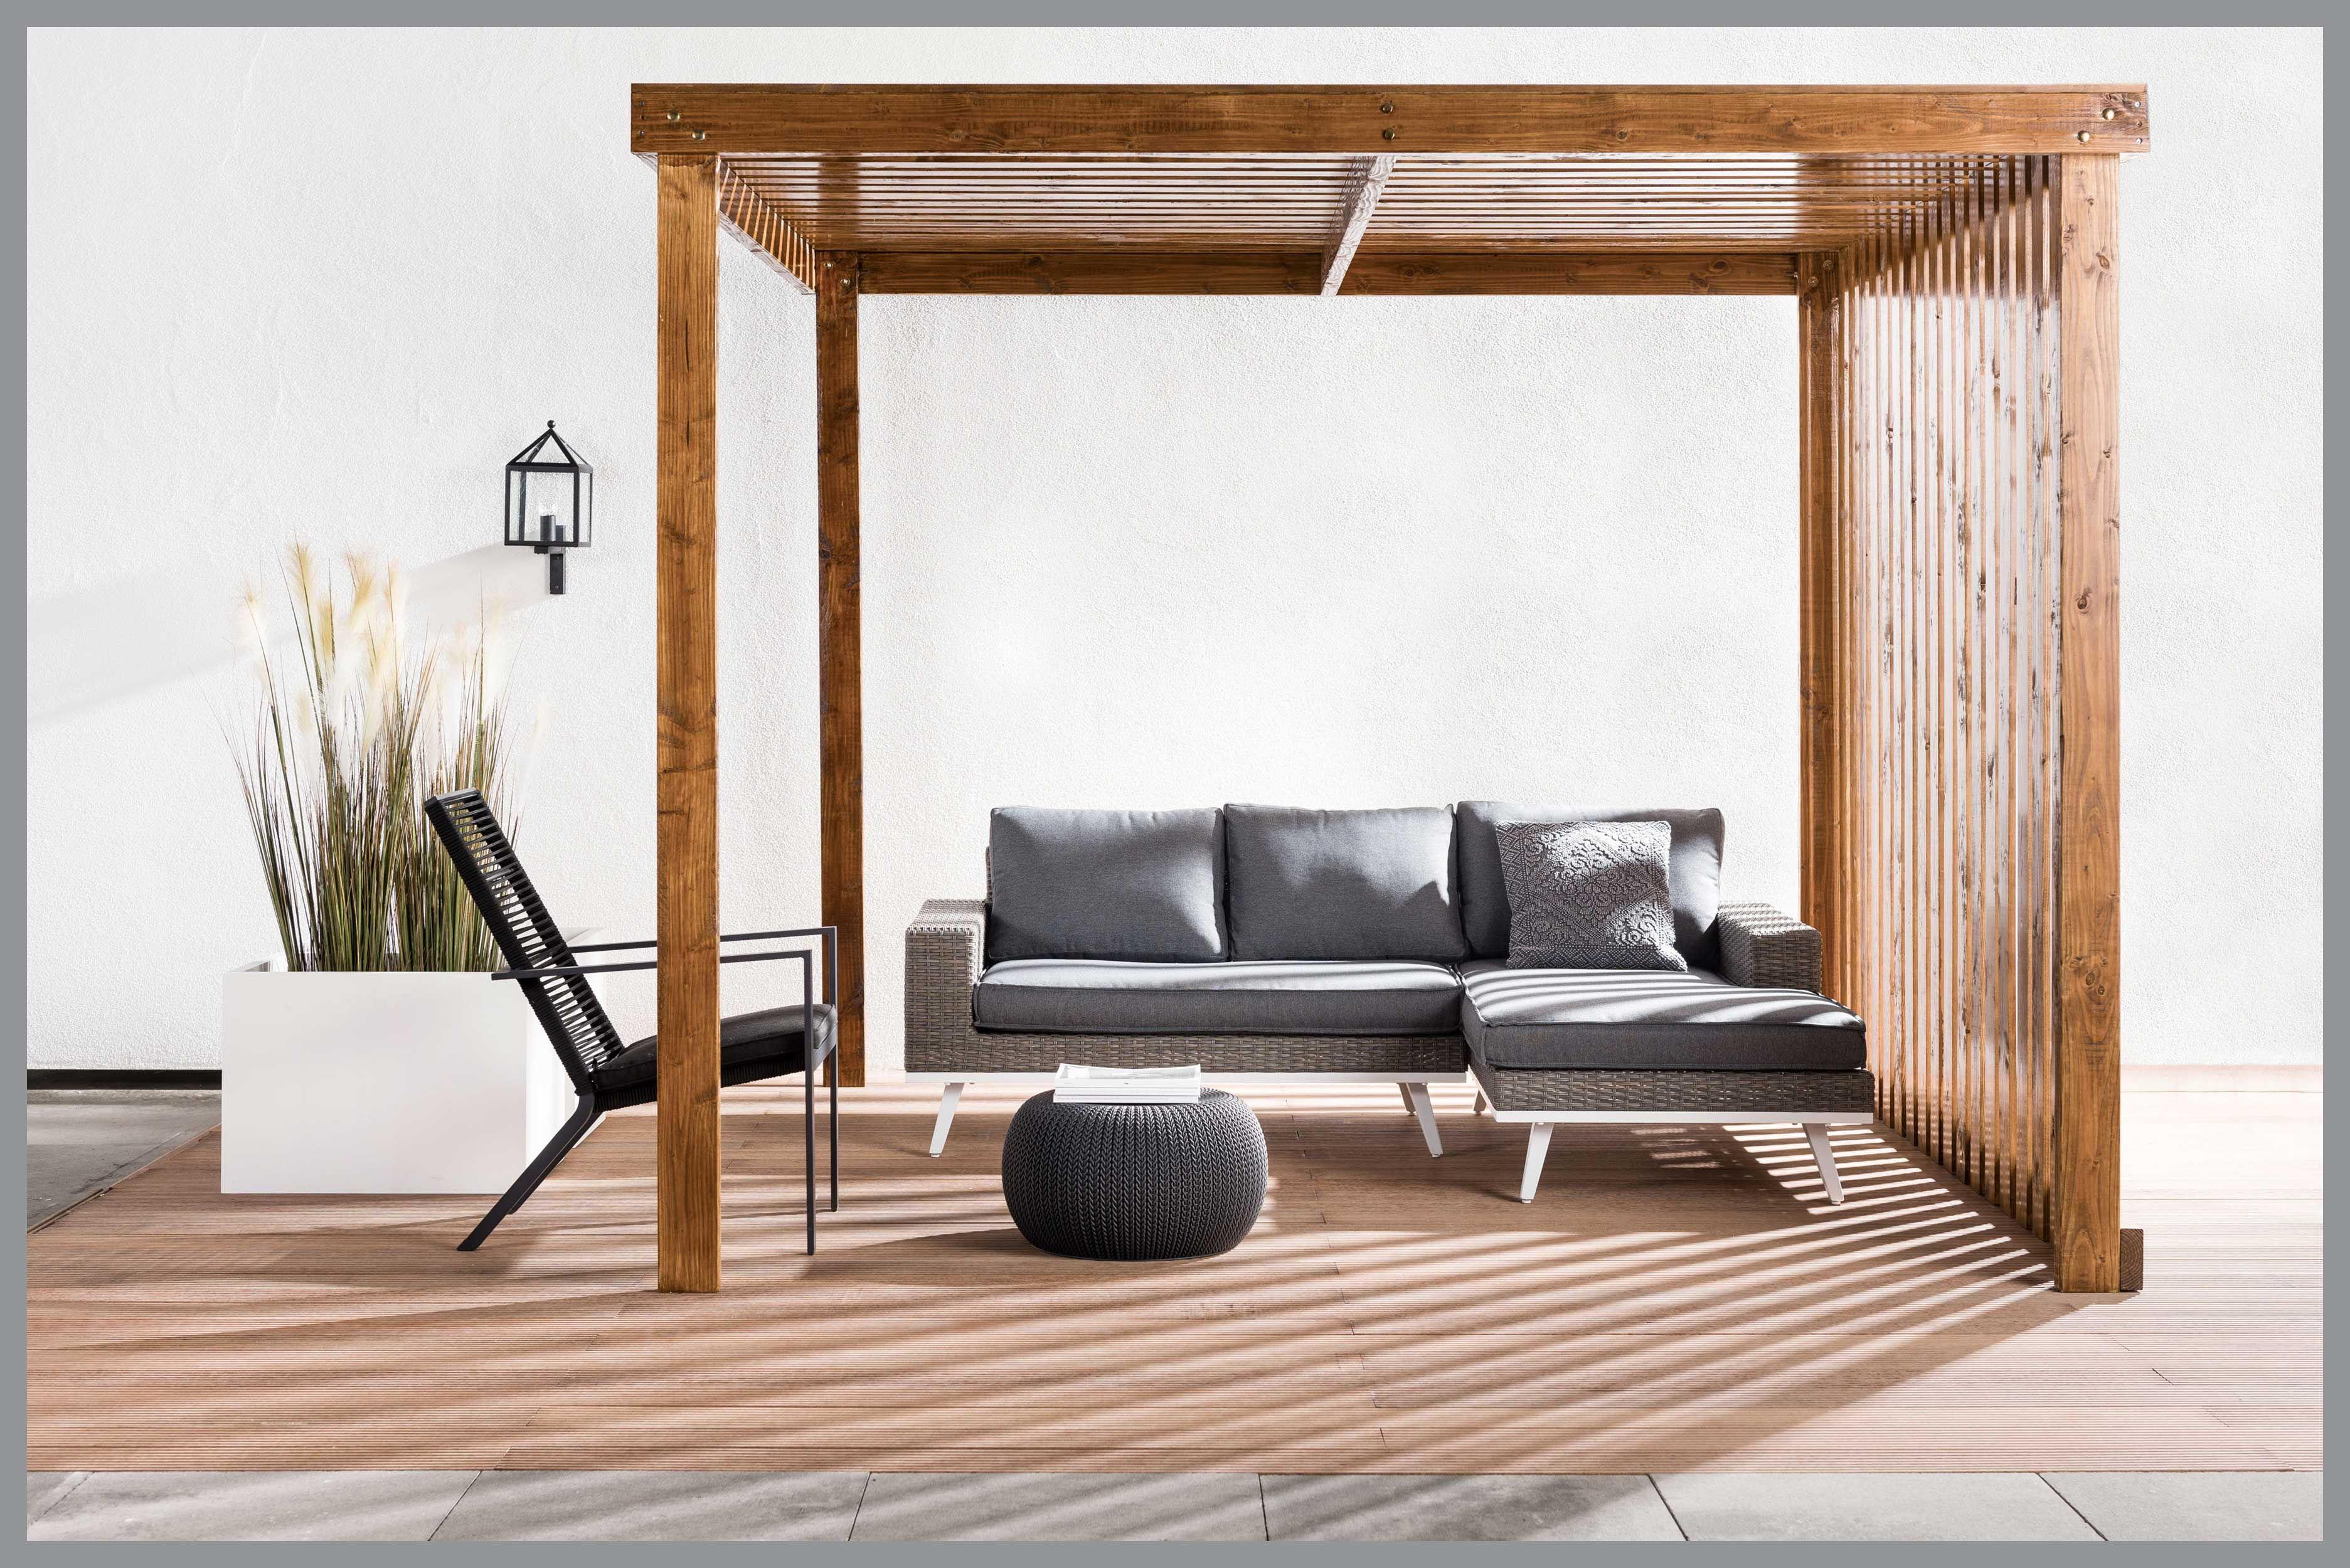 Karwei Tegels Tuin : Karwei design tuin karwei tuin